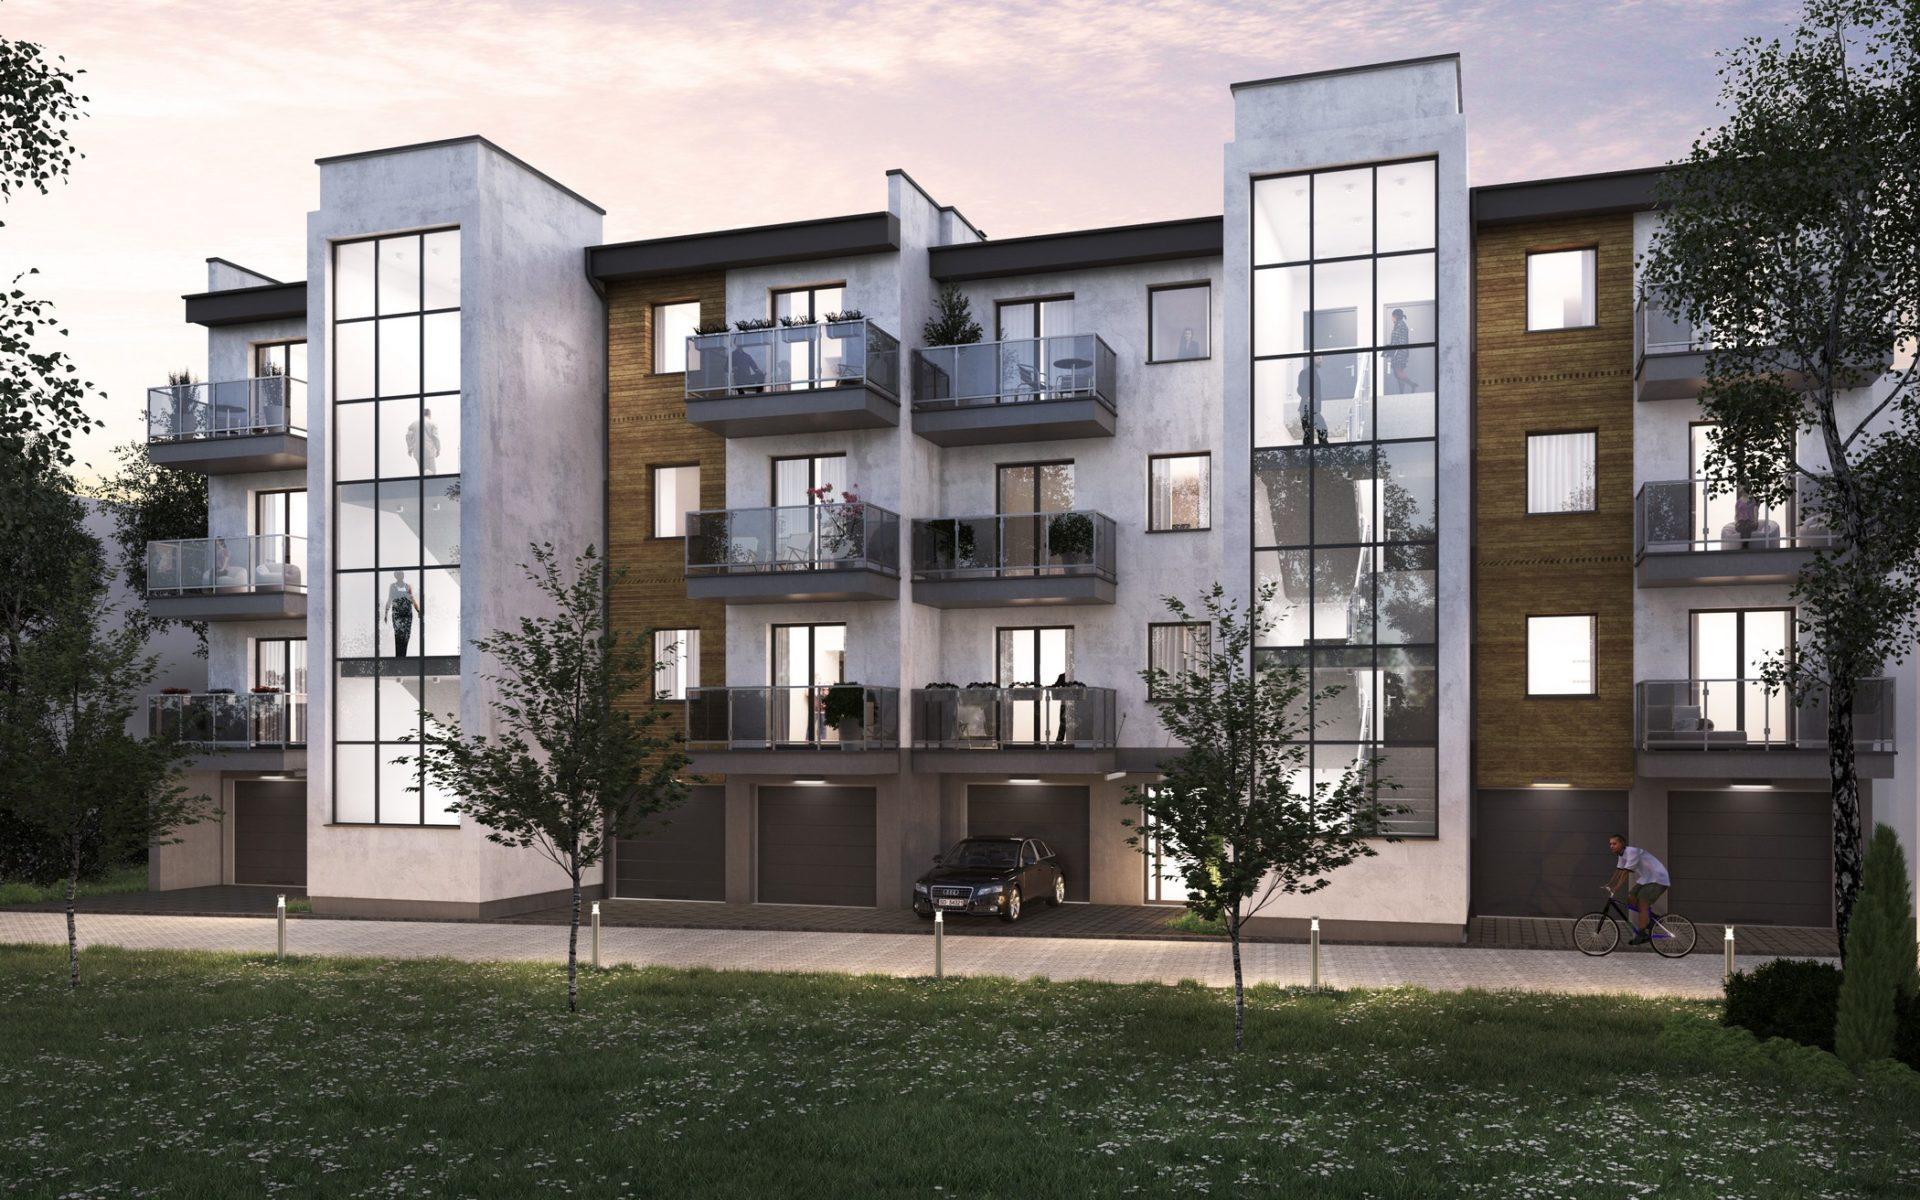 projekt domu architekt śląsk